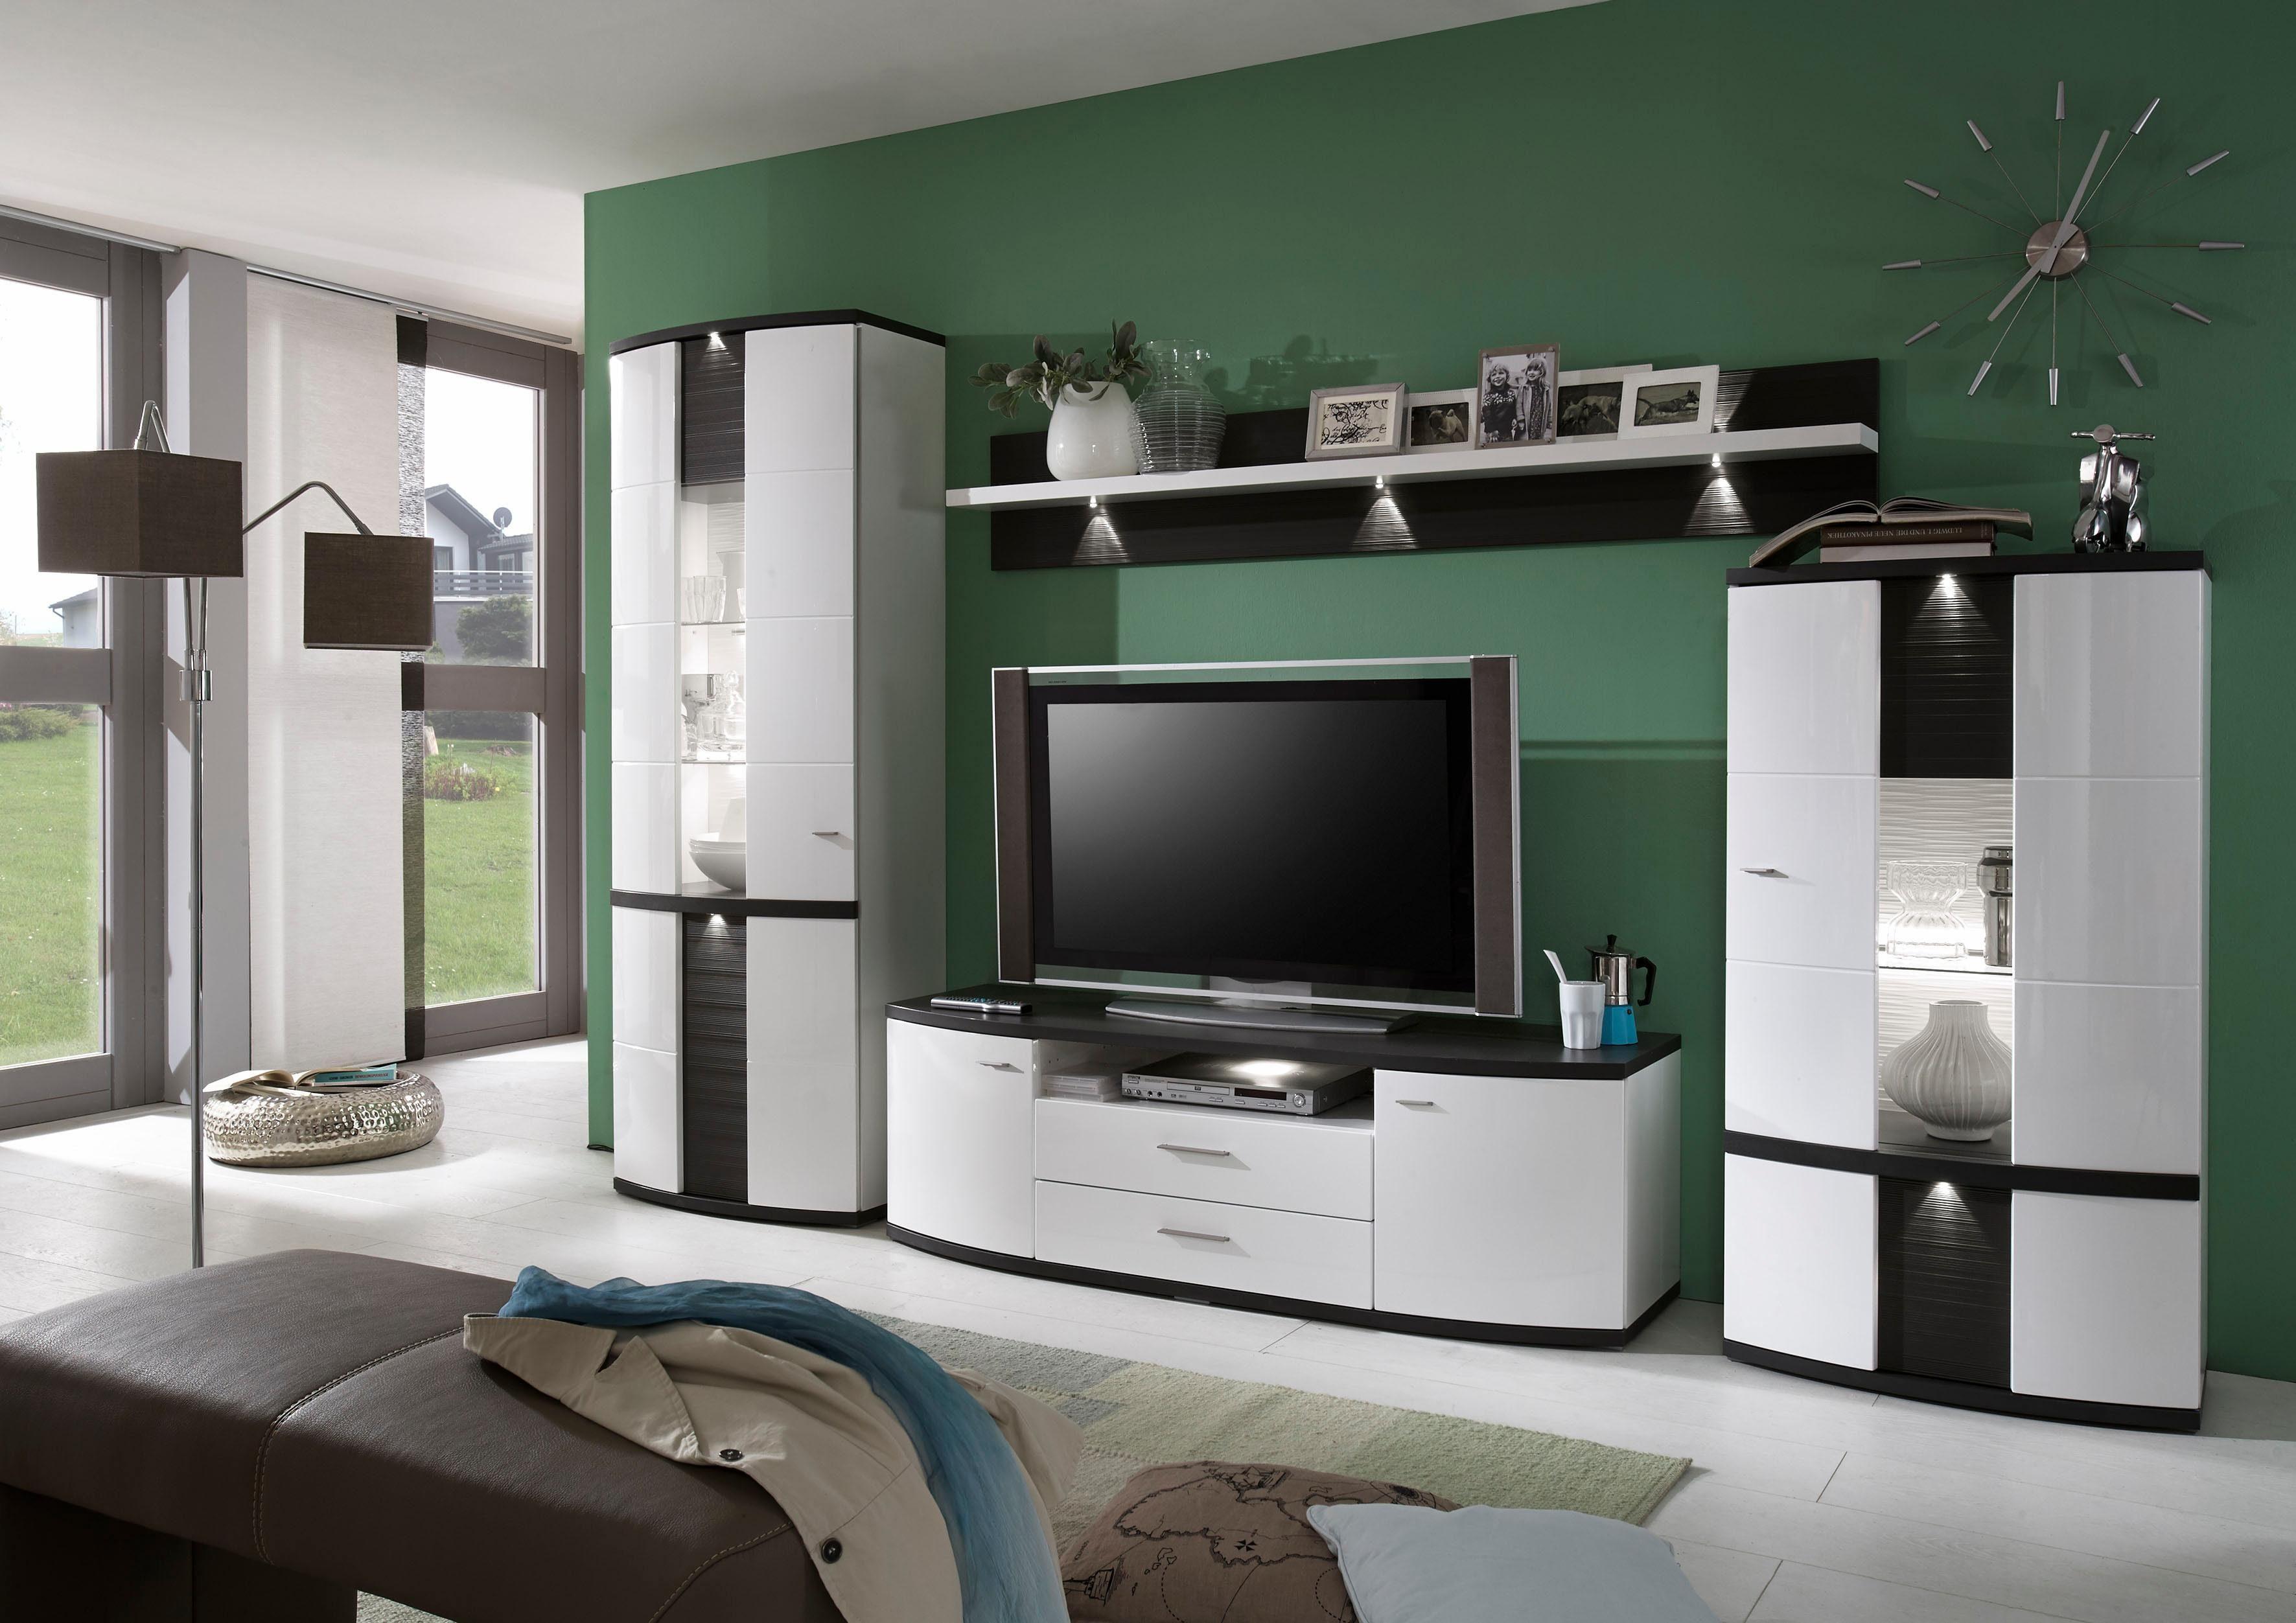 Moderne Wohnwand Style : Places of style wohnwand tlg cabana« mit integrierter